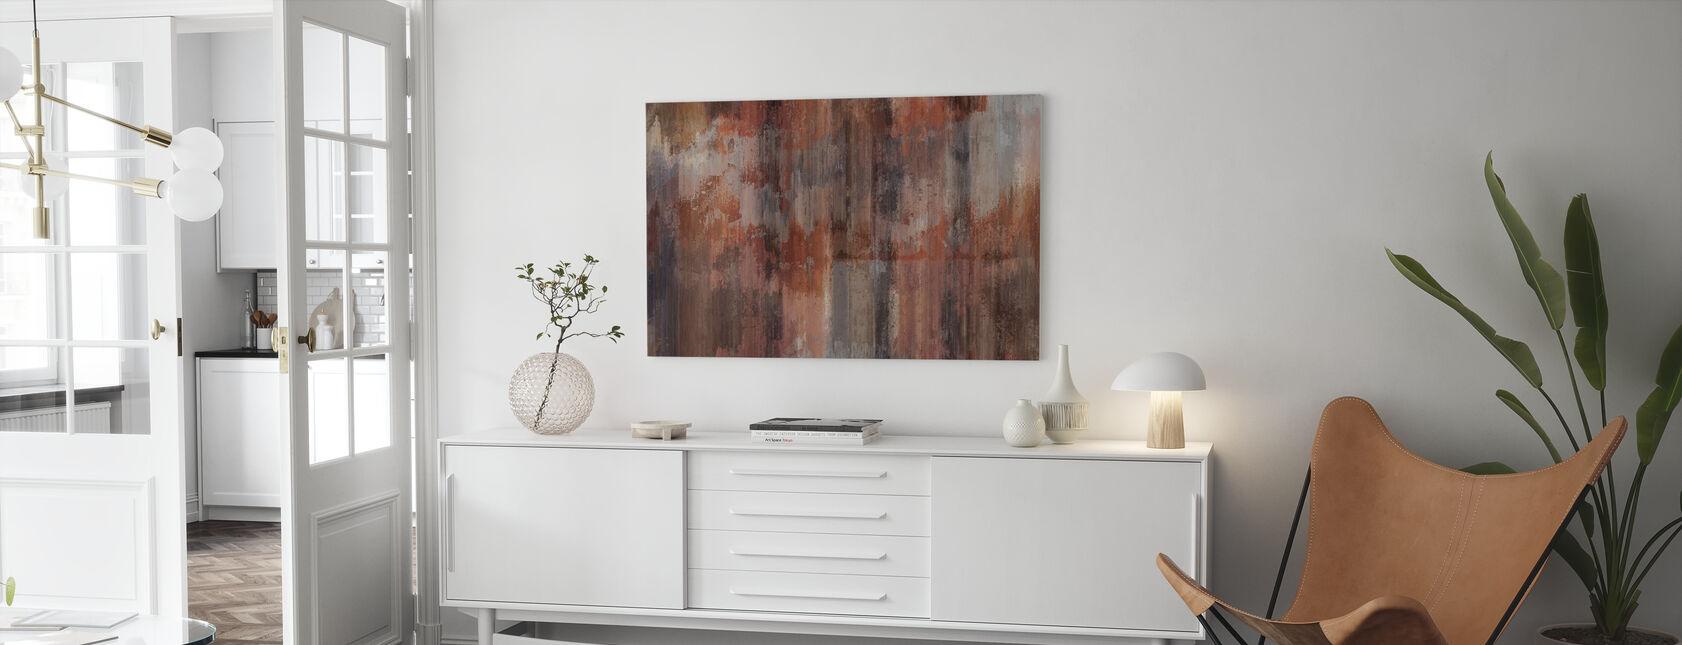 Rusten metall vegg - Lerretsbilde - Stue